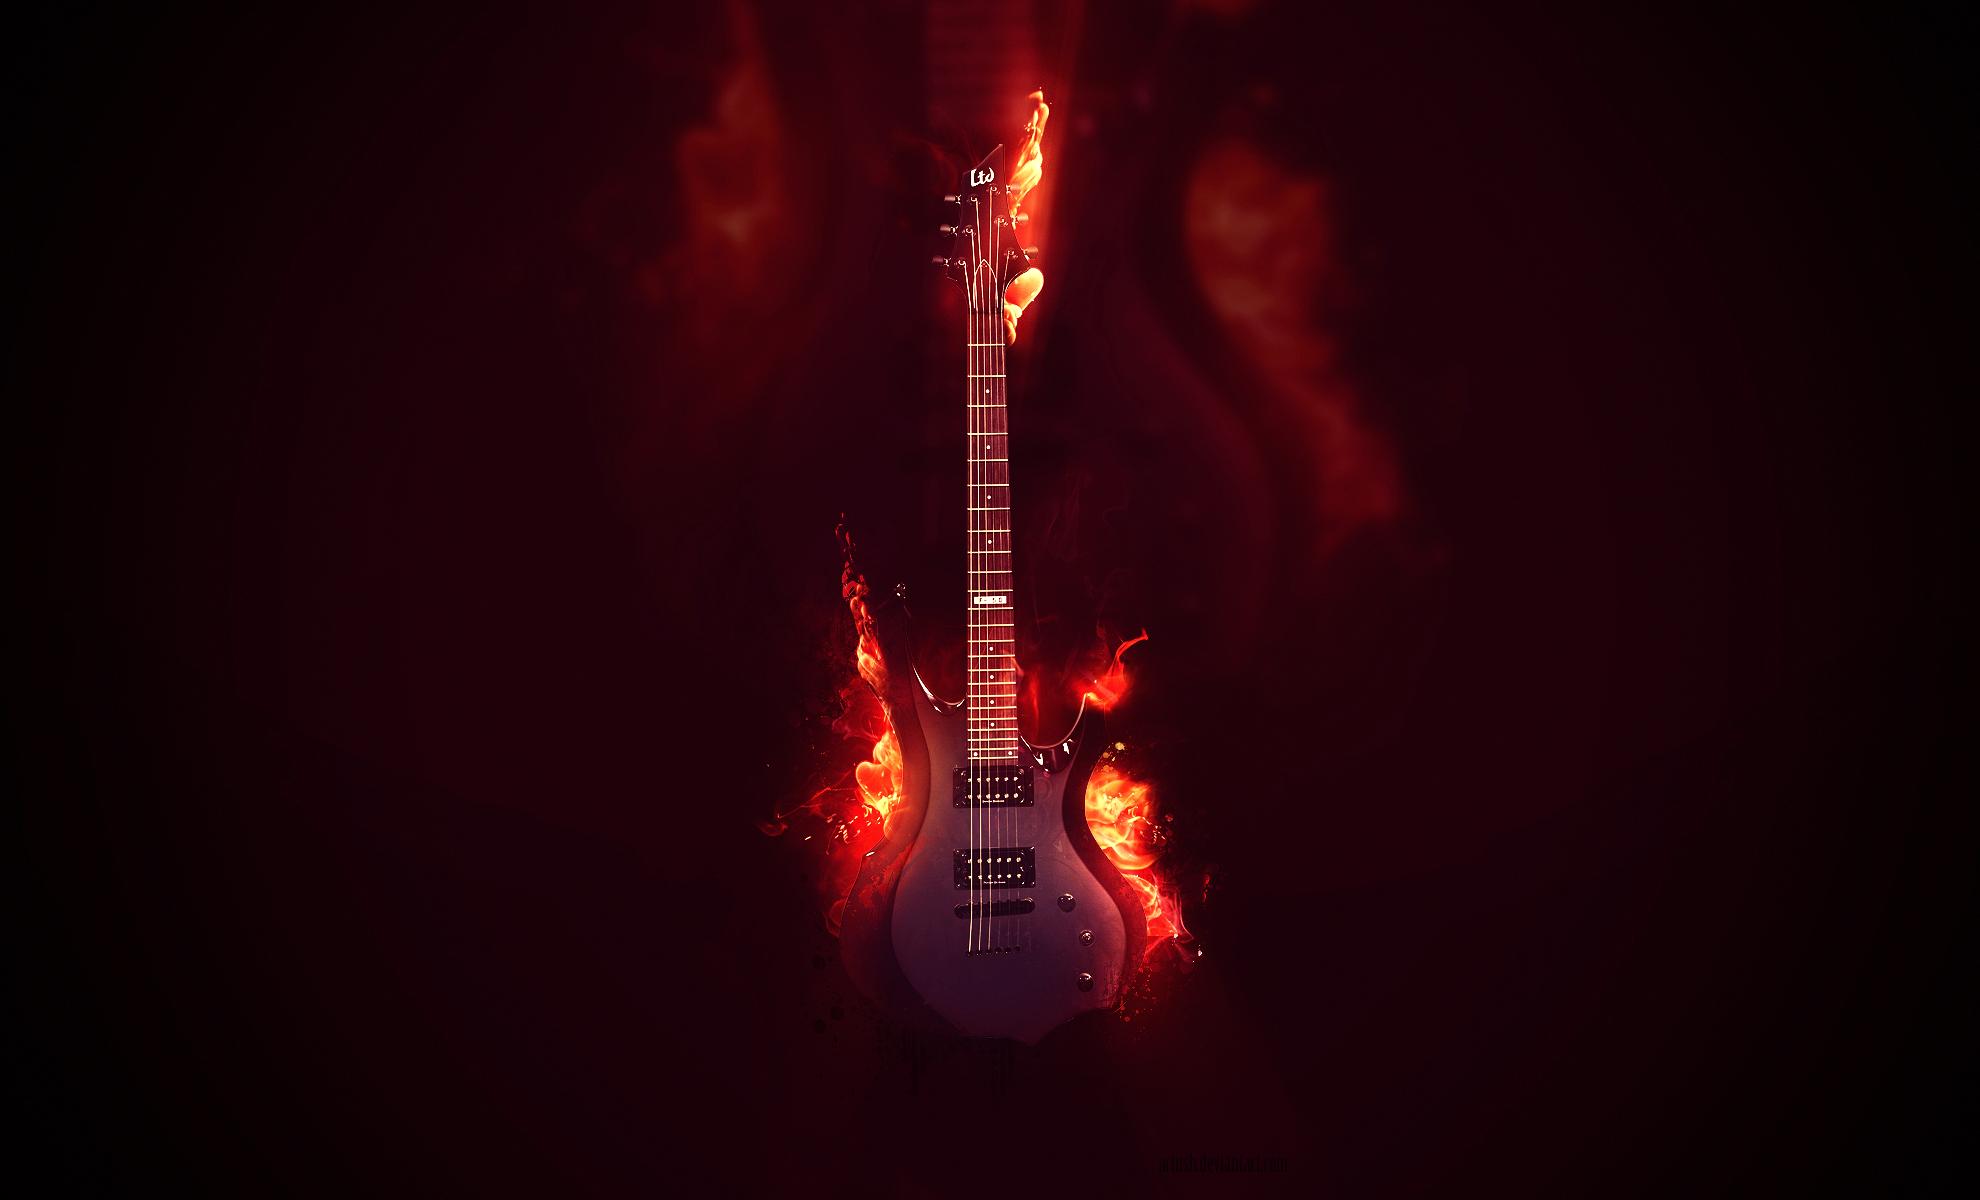 Guitar wallpaper by Artush on DeviantArt